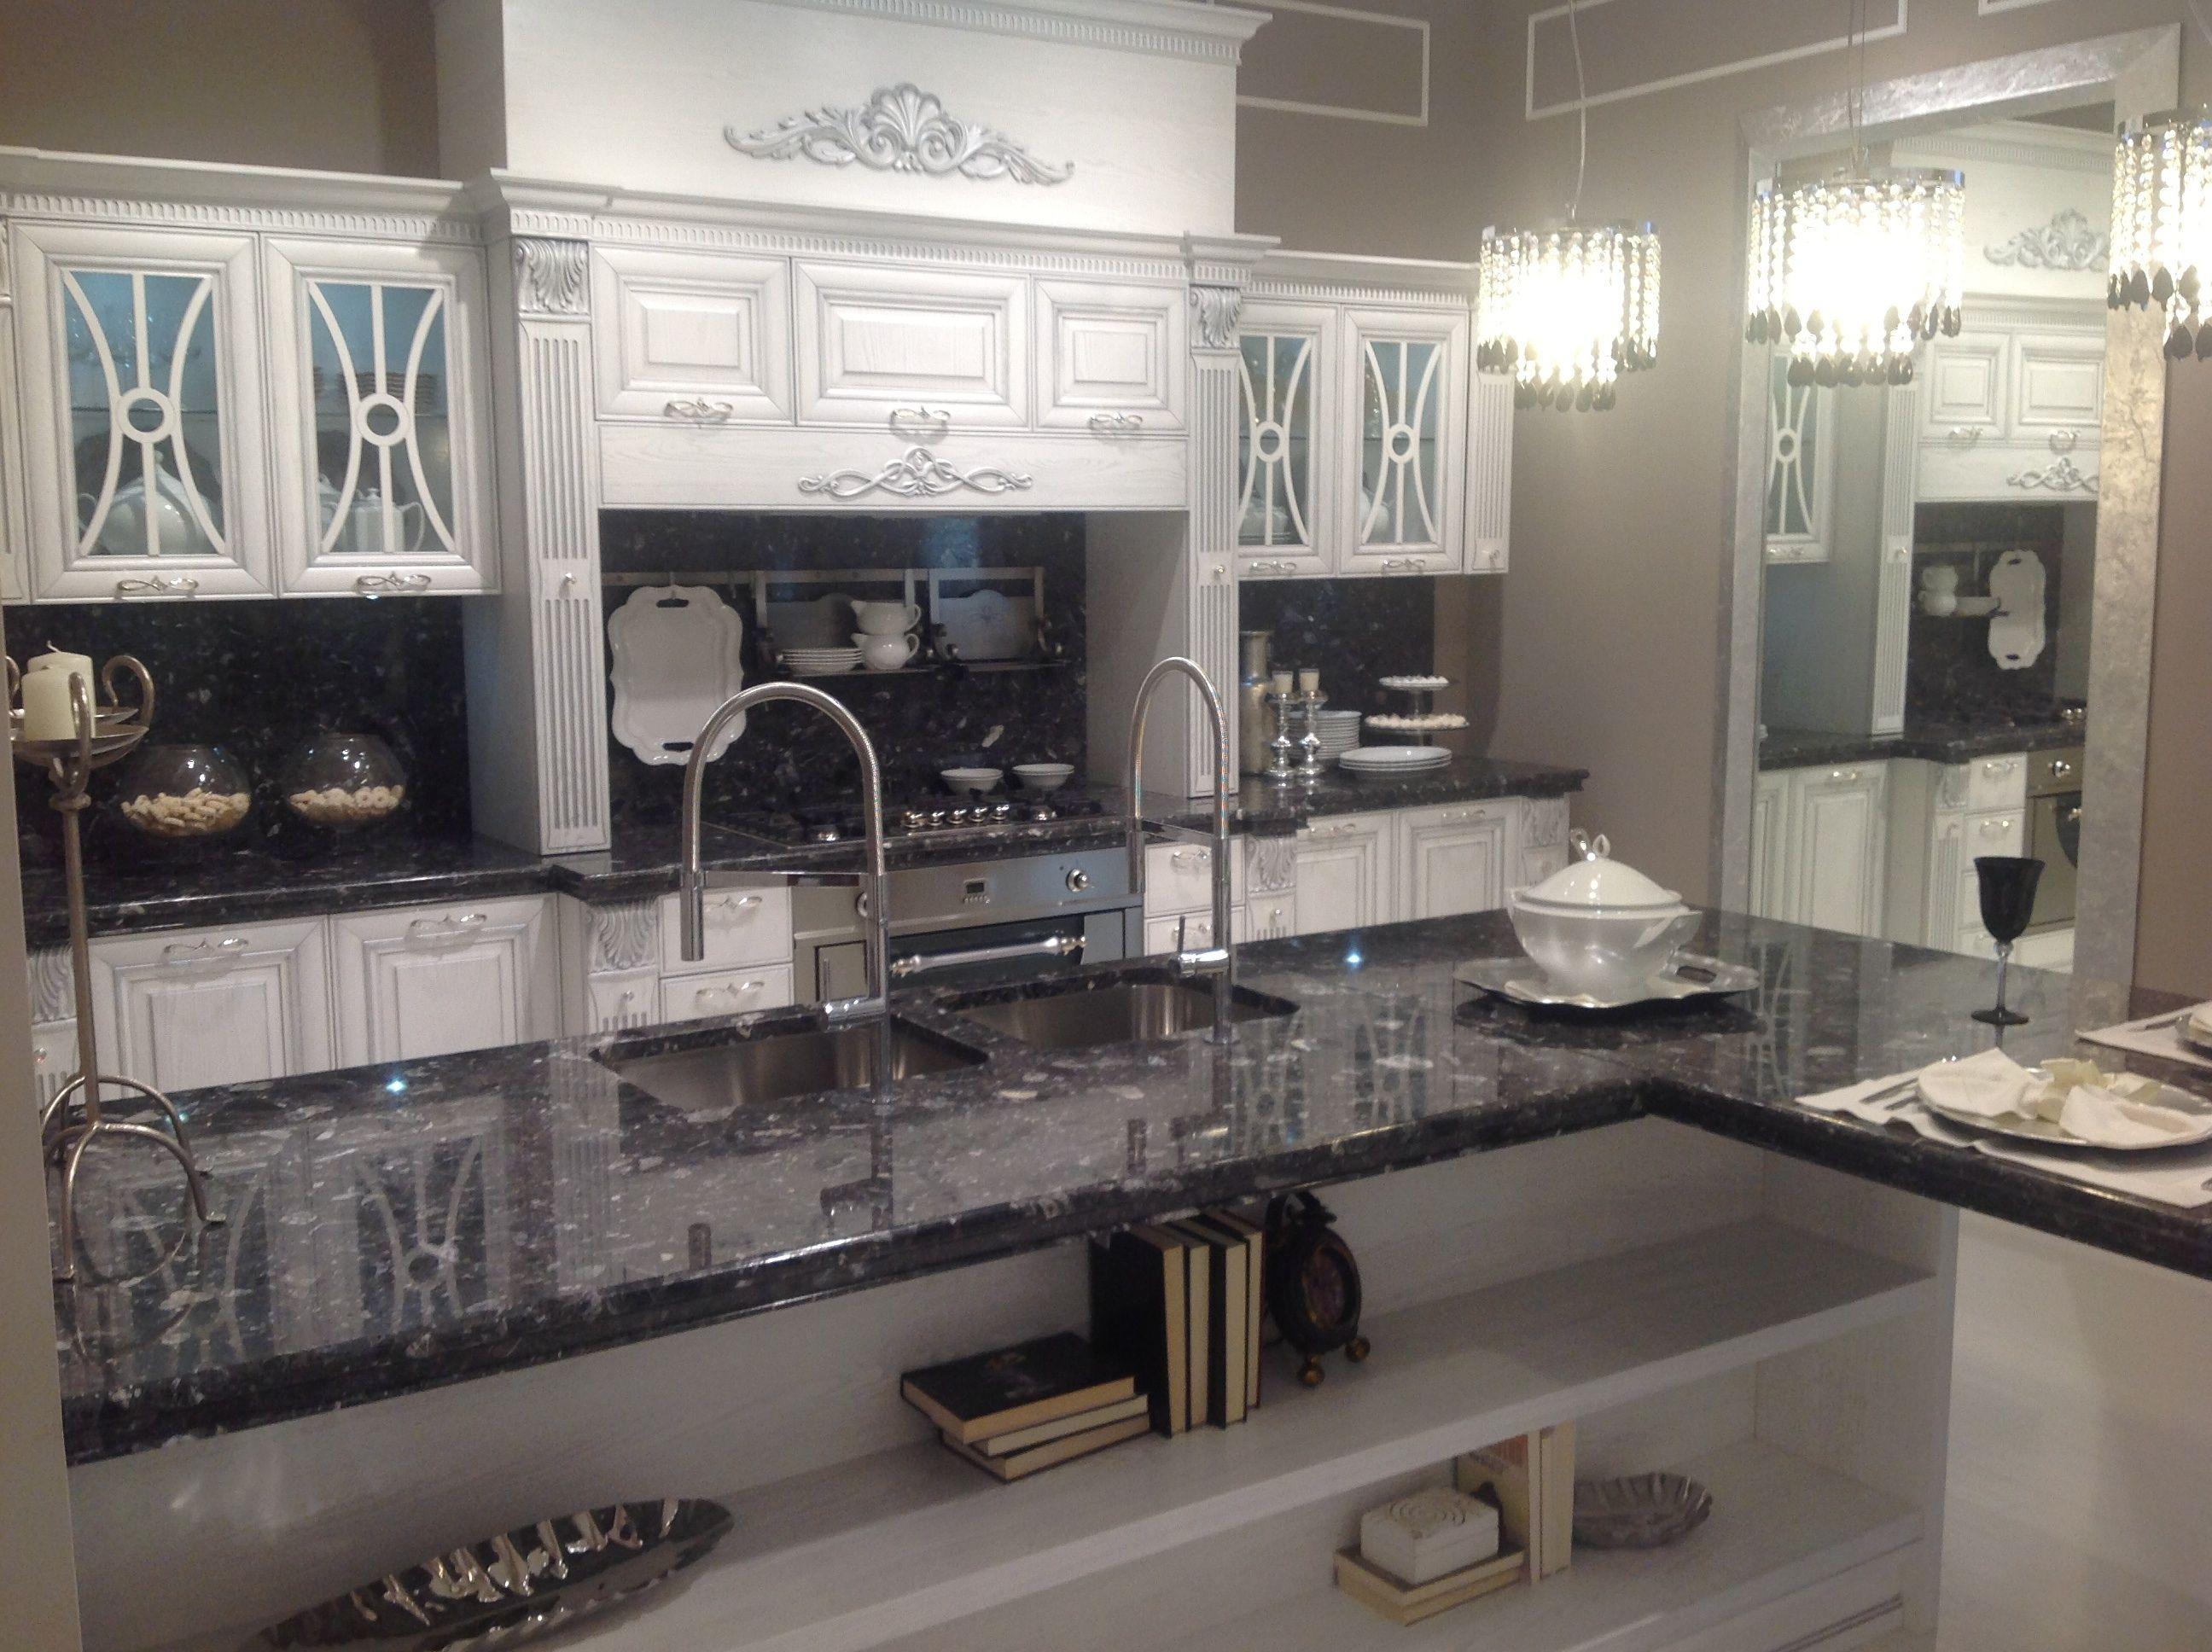 Cucina Lube Mod.Pantheon | Showroom Mb Arredamenti ...